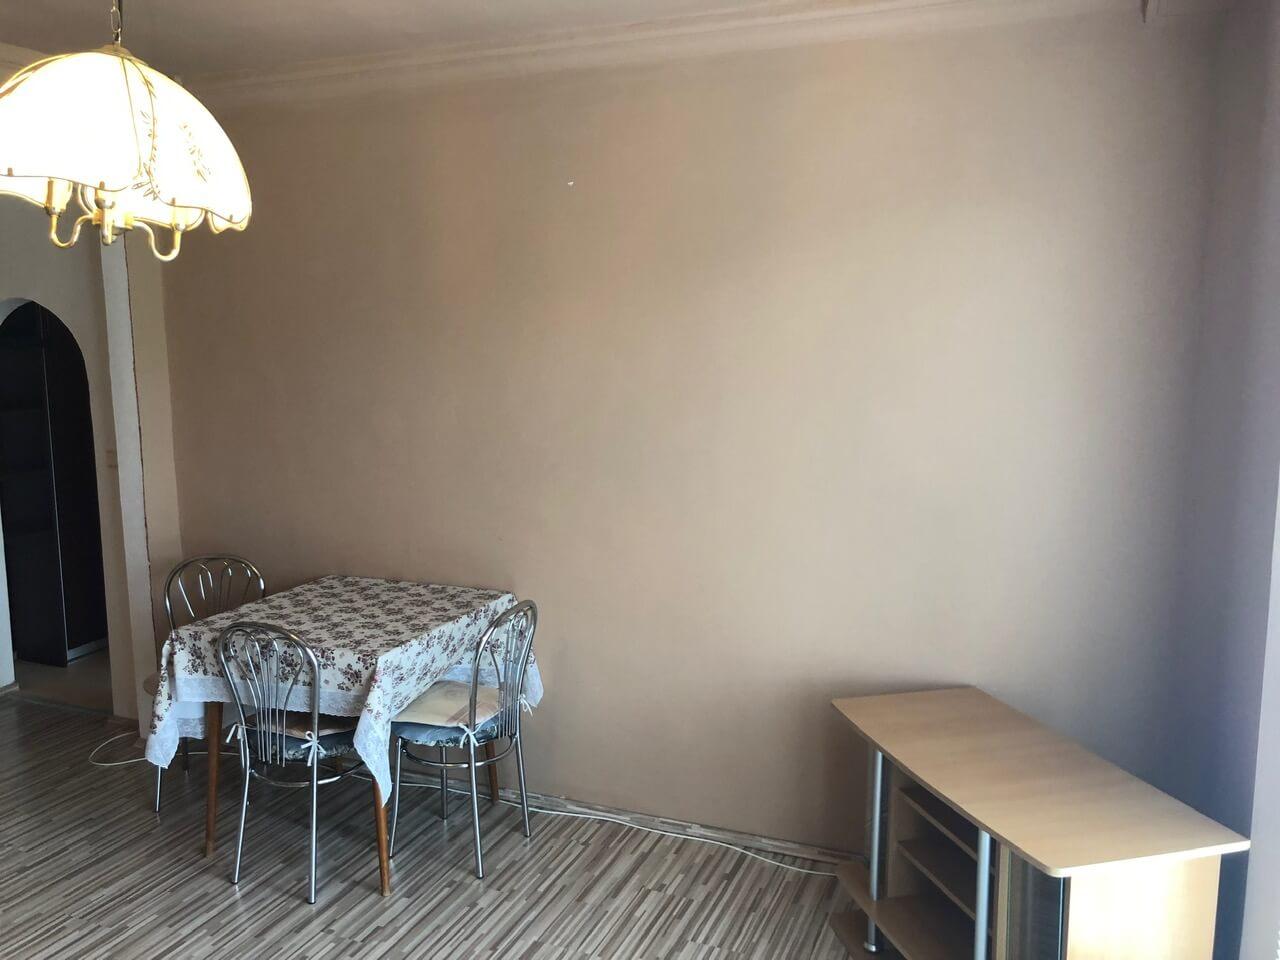 Prenajatý: 3 izbový byt, Račianska 85, 63m2, balkon 10m2, výborná lokalita-36